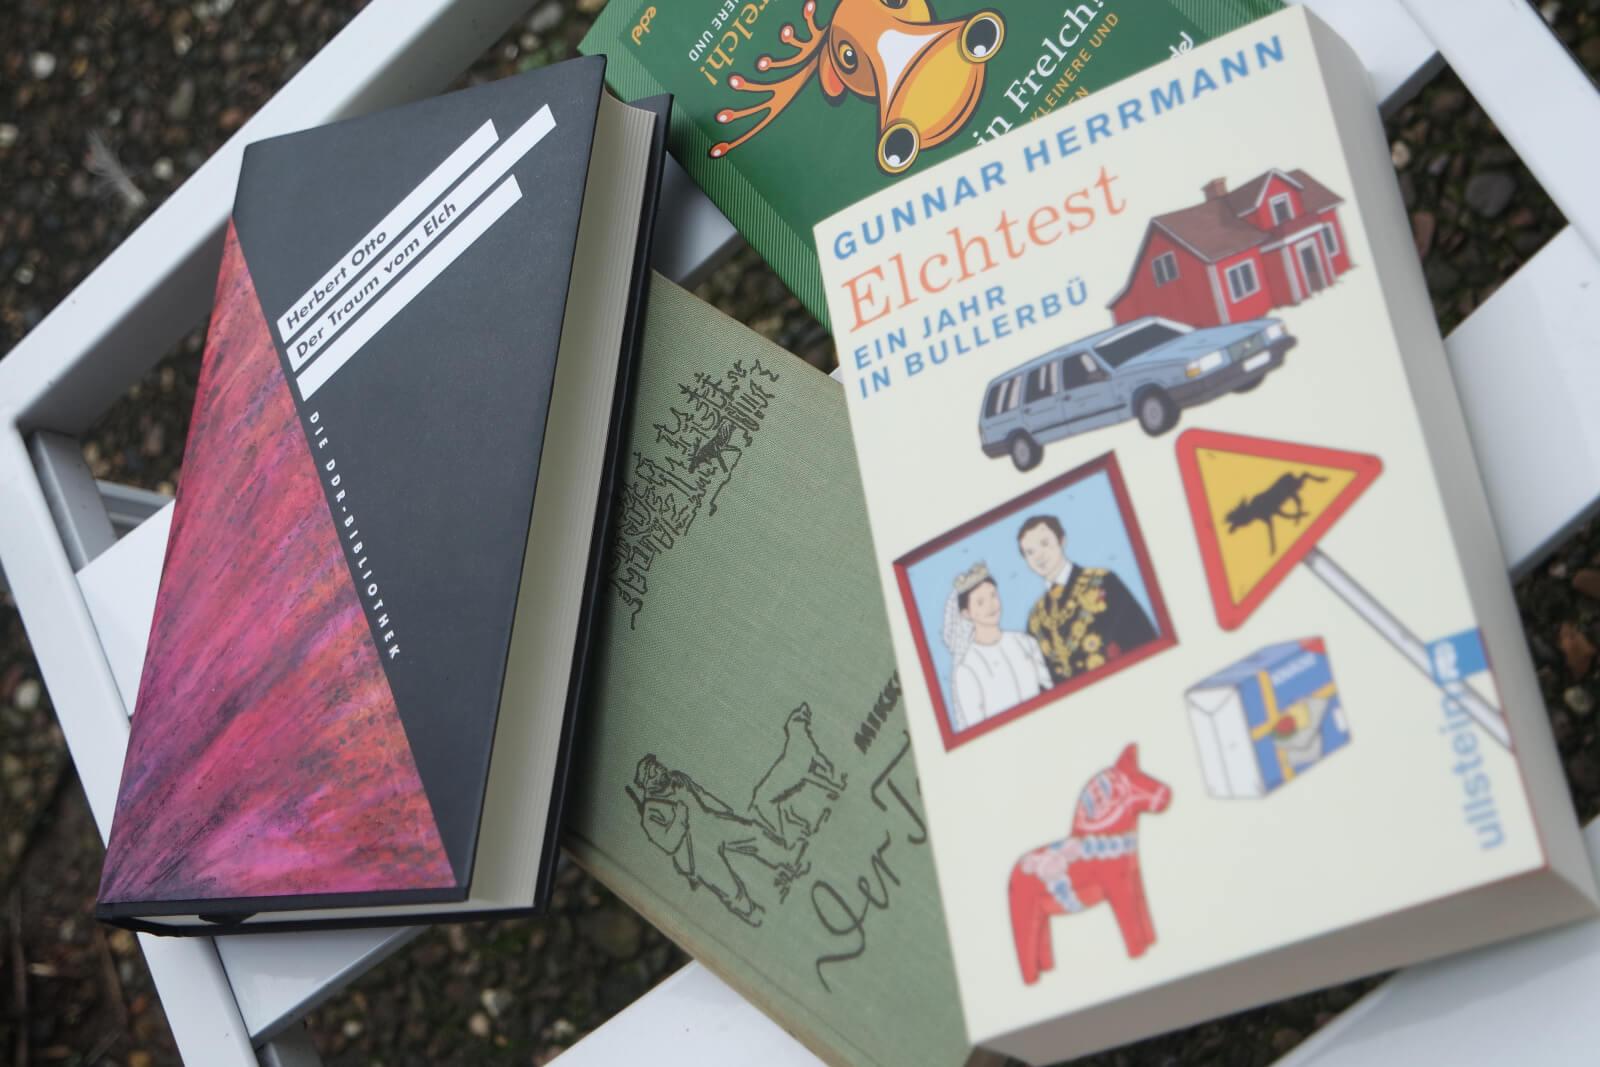 Ein Sammlung von Büchern über Elche